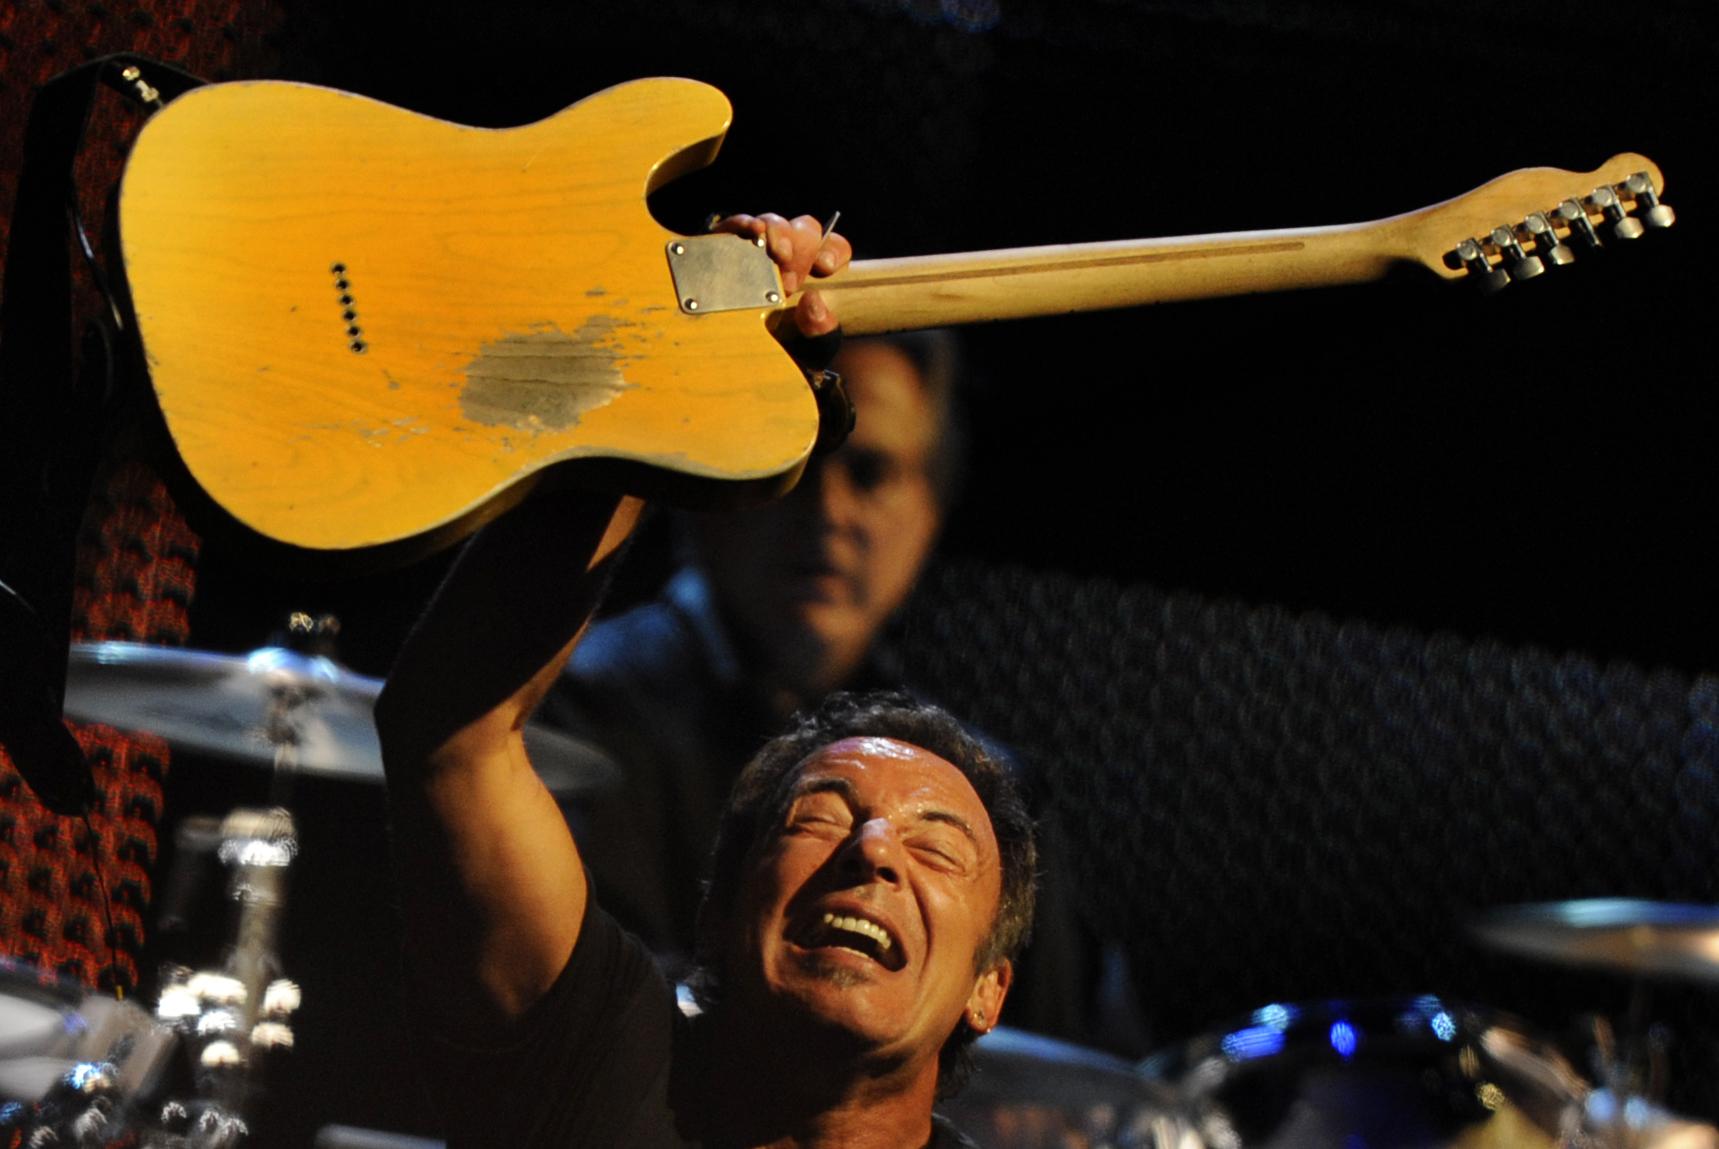 Bruce Springsteen holding up a Fender guitar